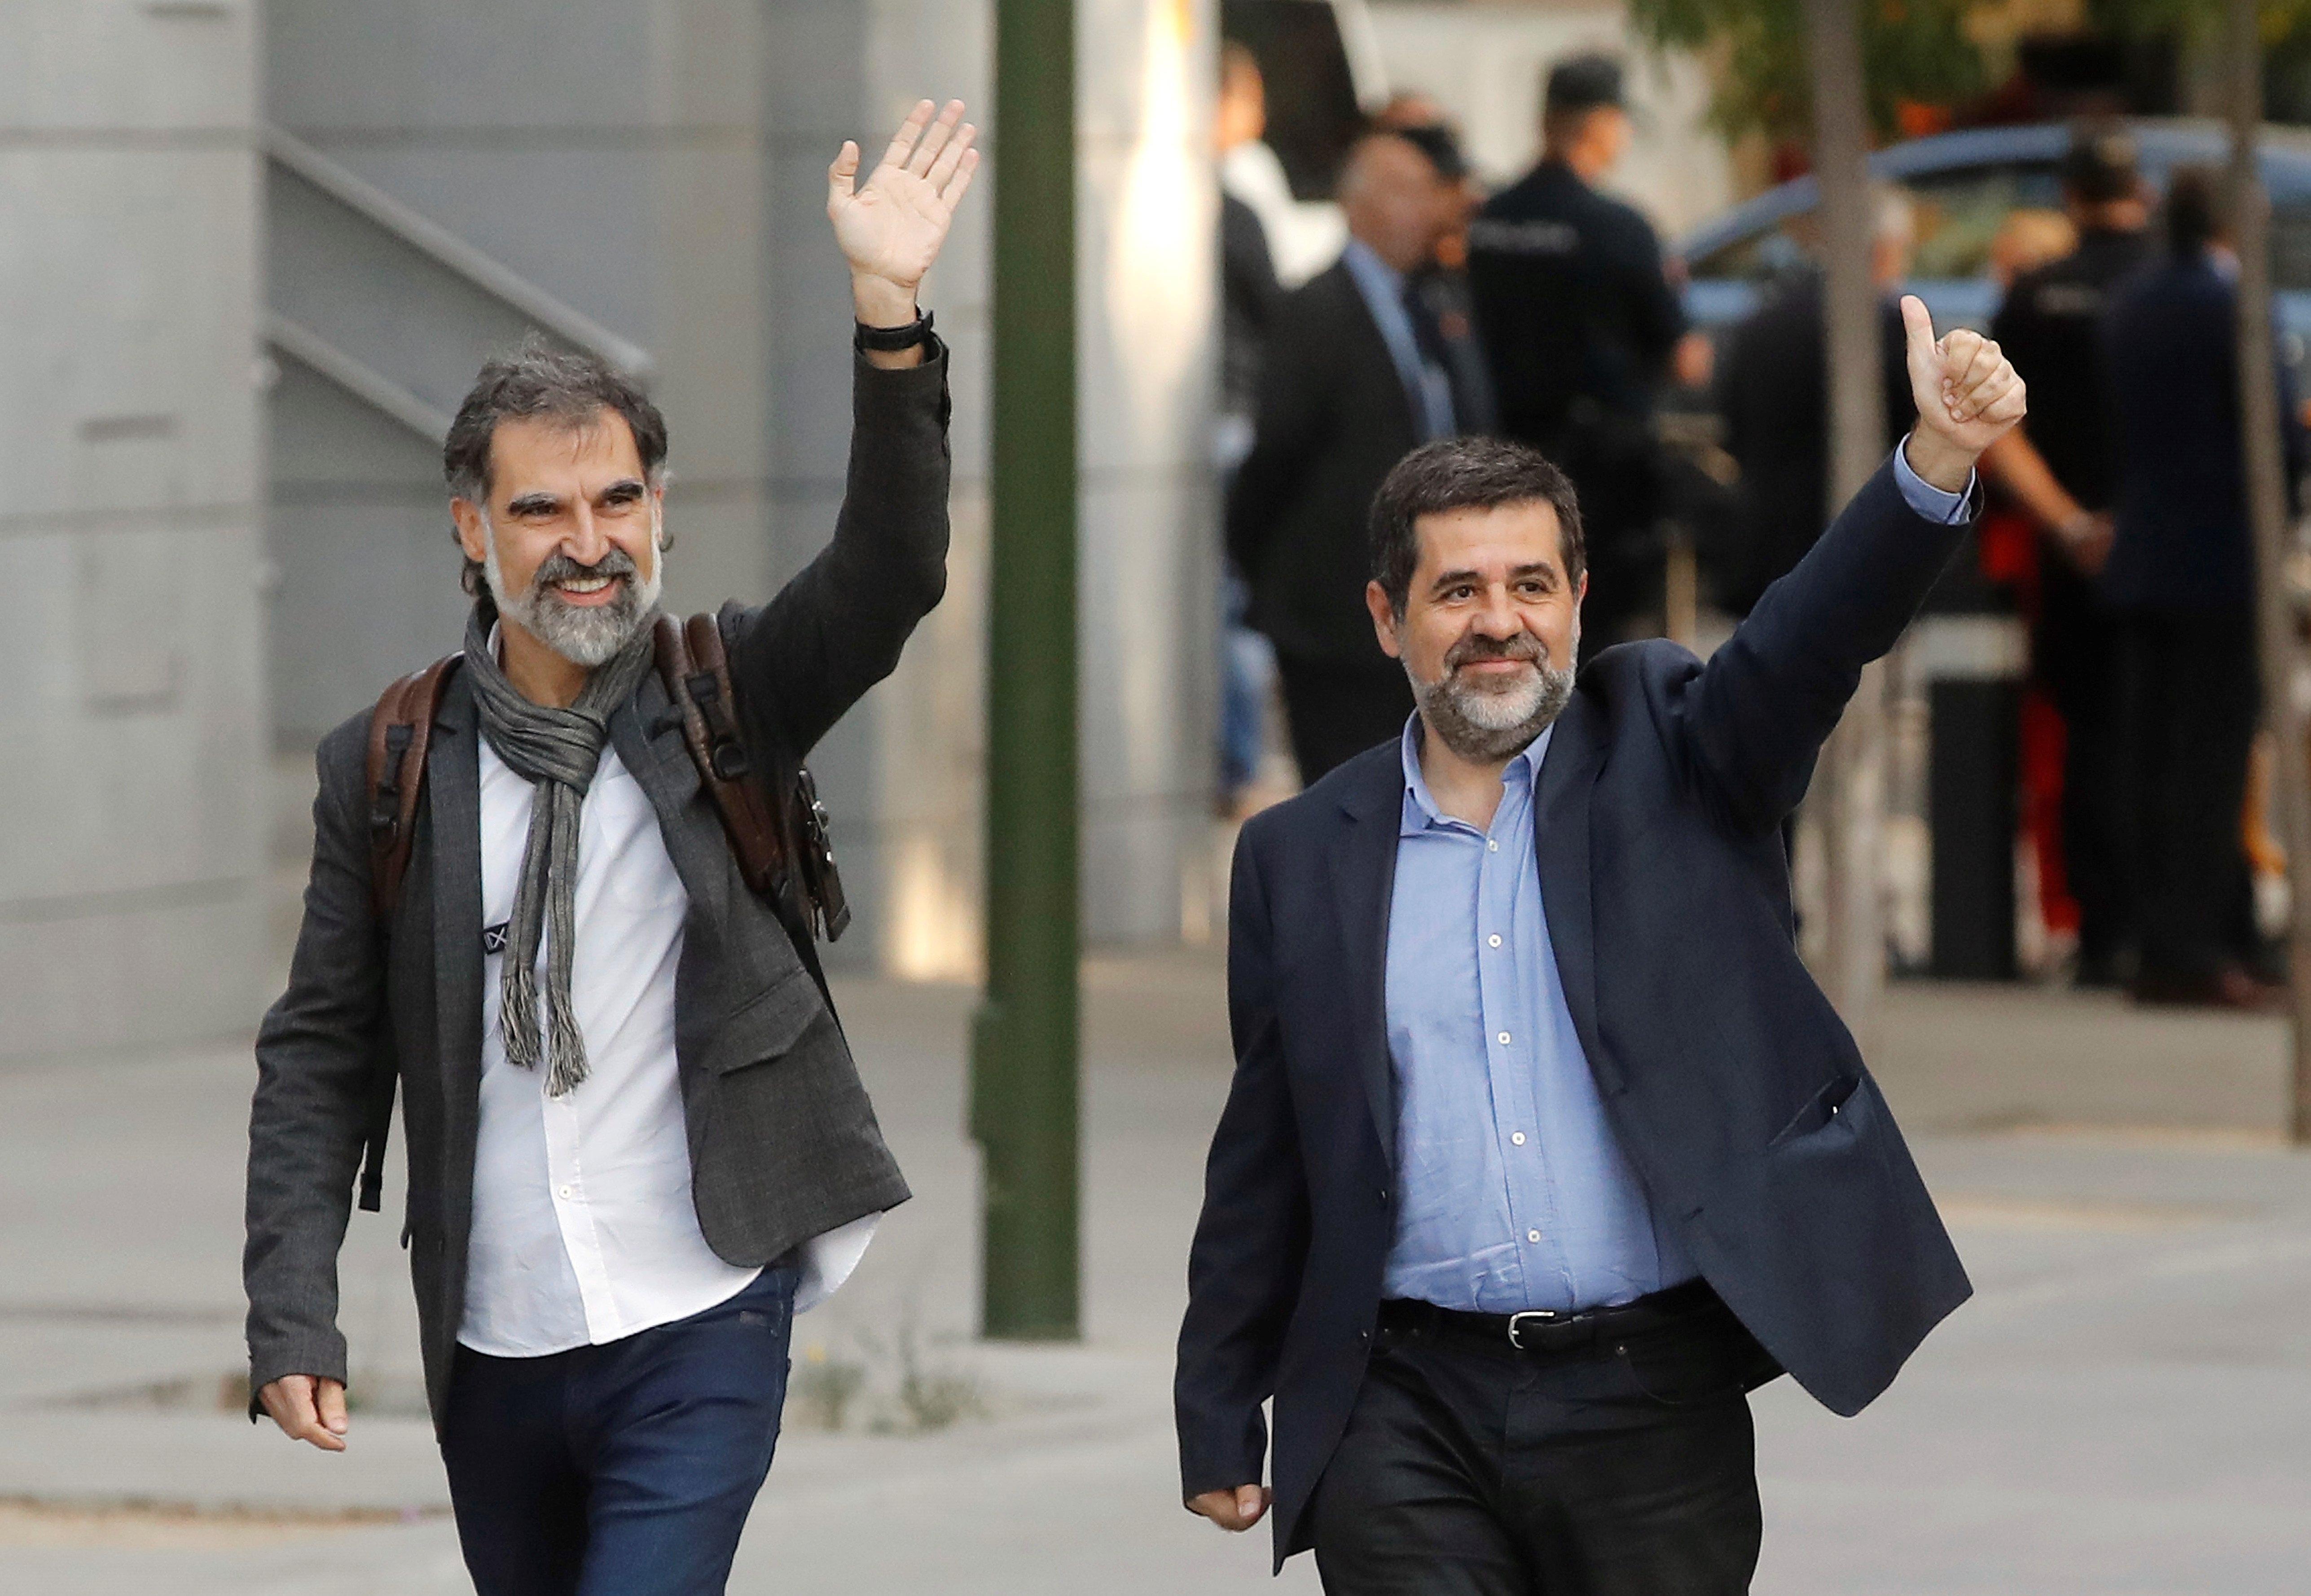 Justiça espanhola prende dois dirigentes separatistas catalães